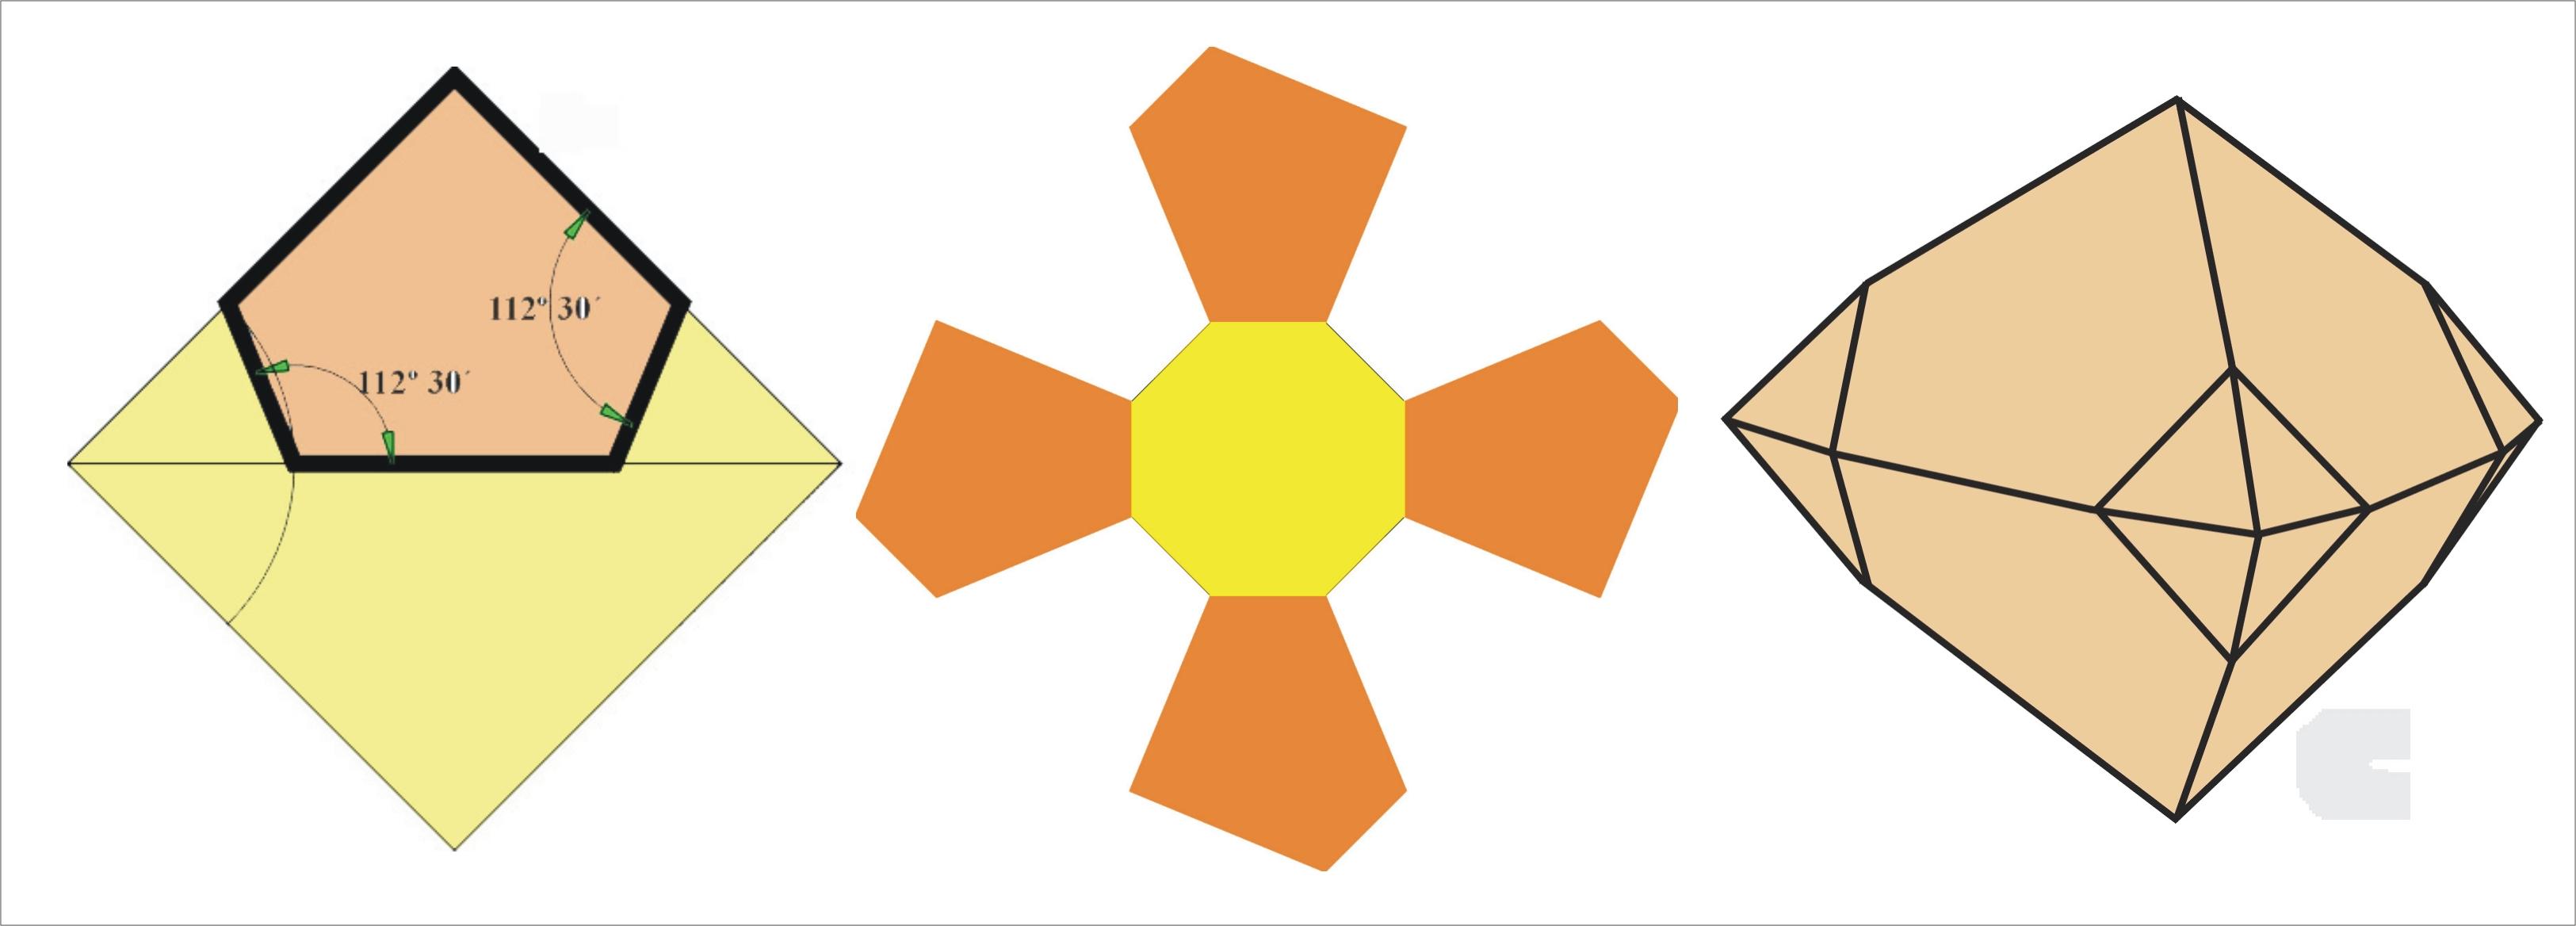 Salmantinógono o Eógono, la Cruz de Salamanca y el Salamancaedro.